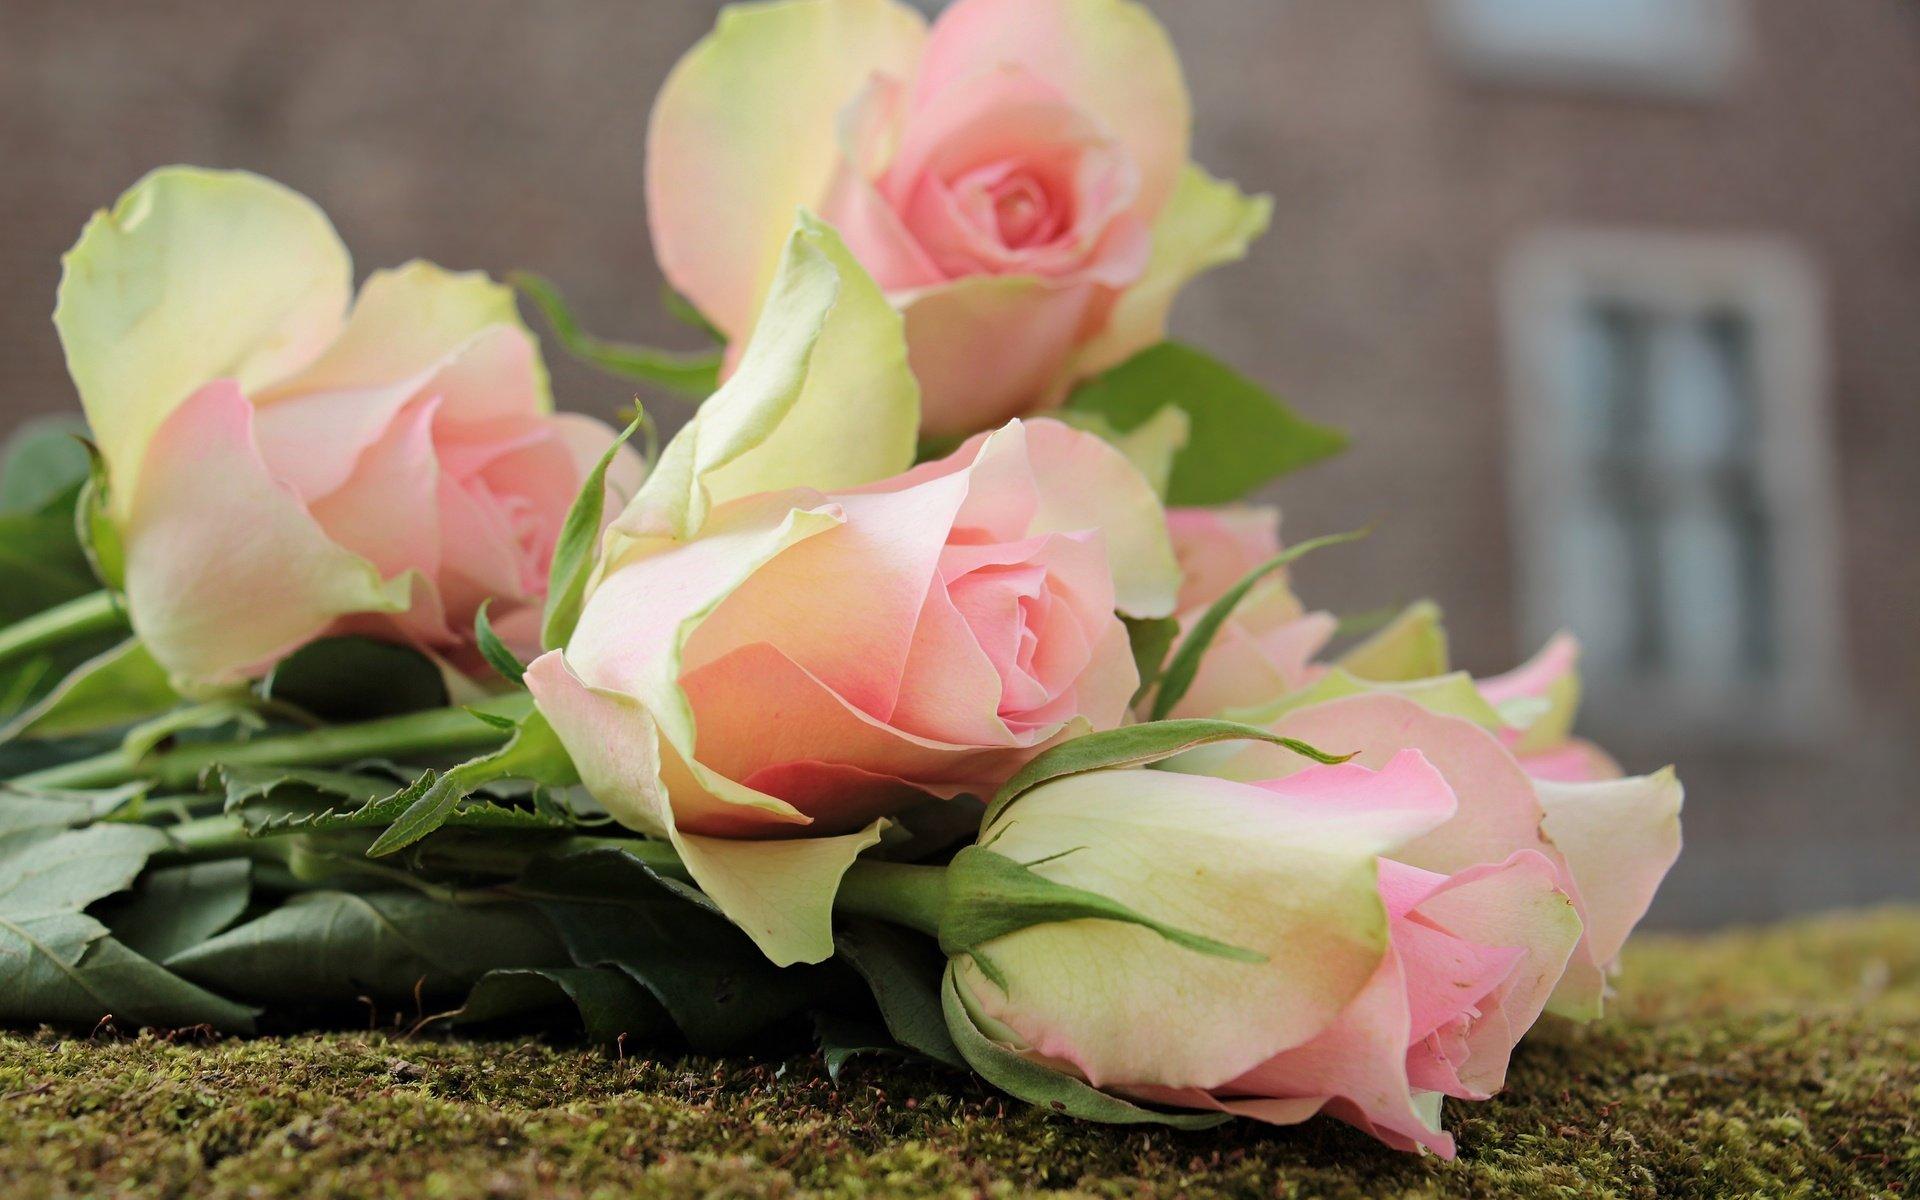 старых домов букет цветов в картинках роз на рабочем столе курицей